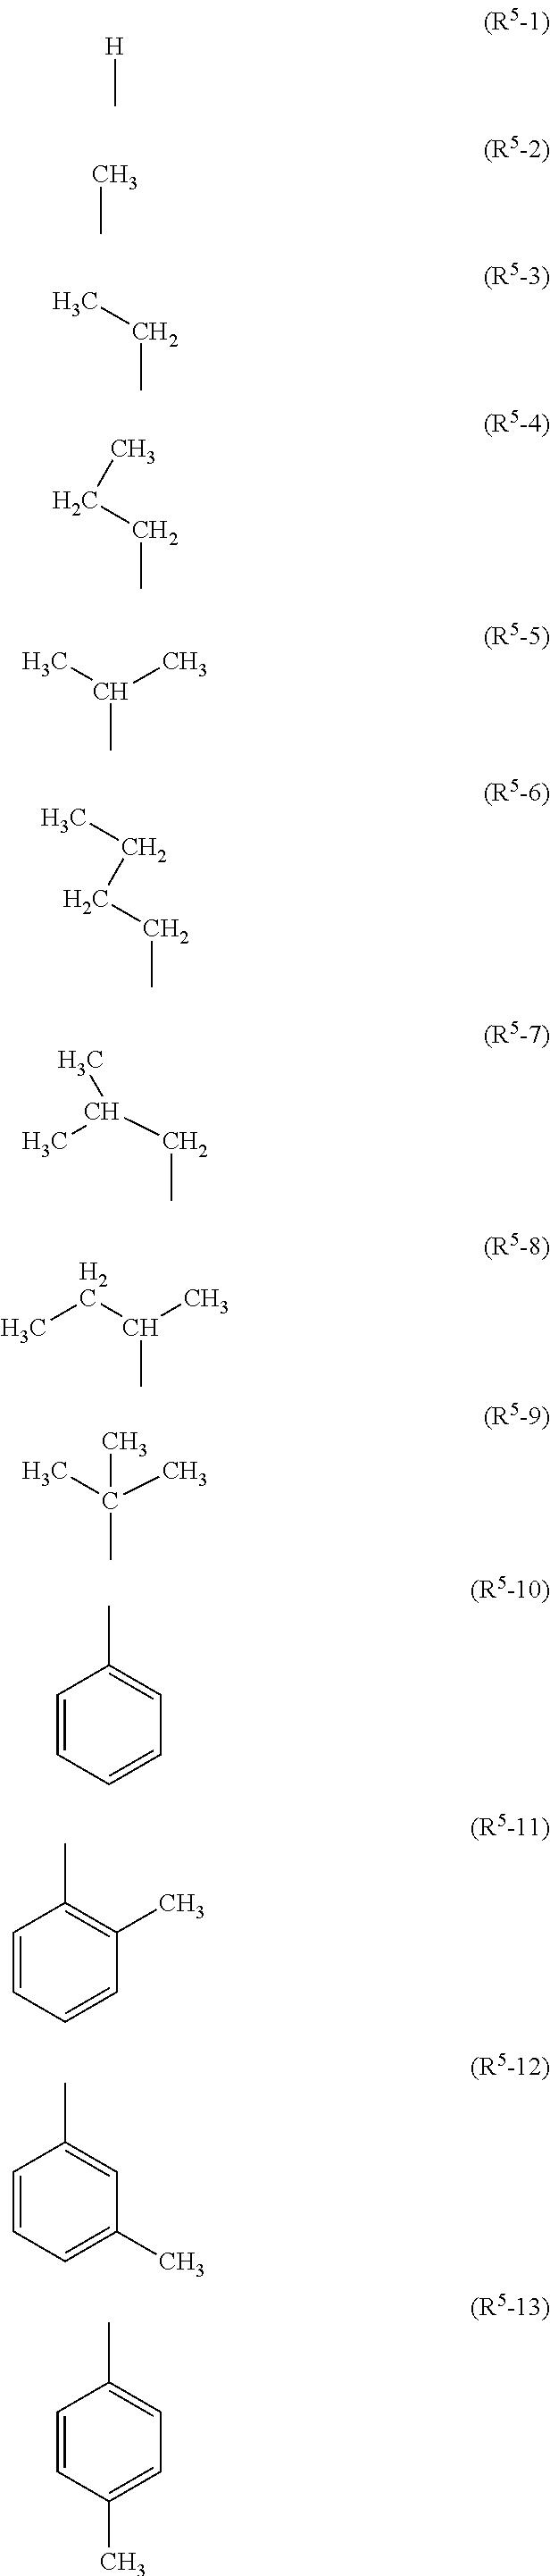 Figure US09240558-20160119-C00041